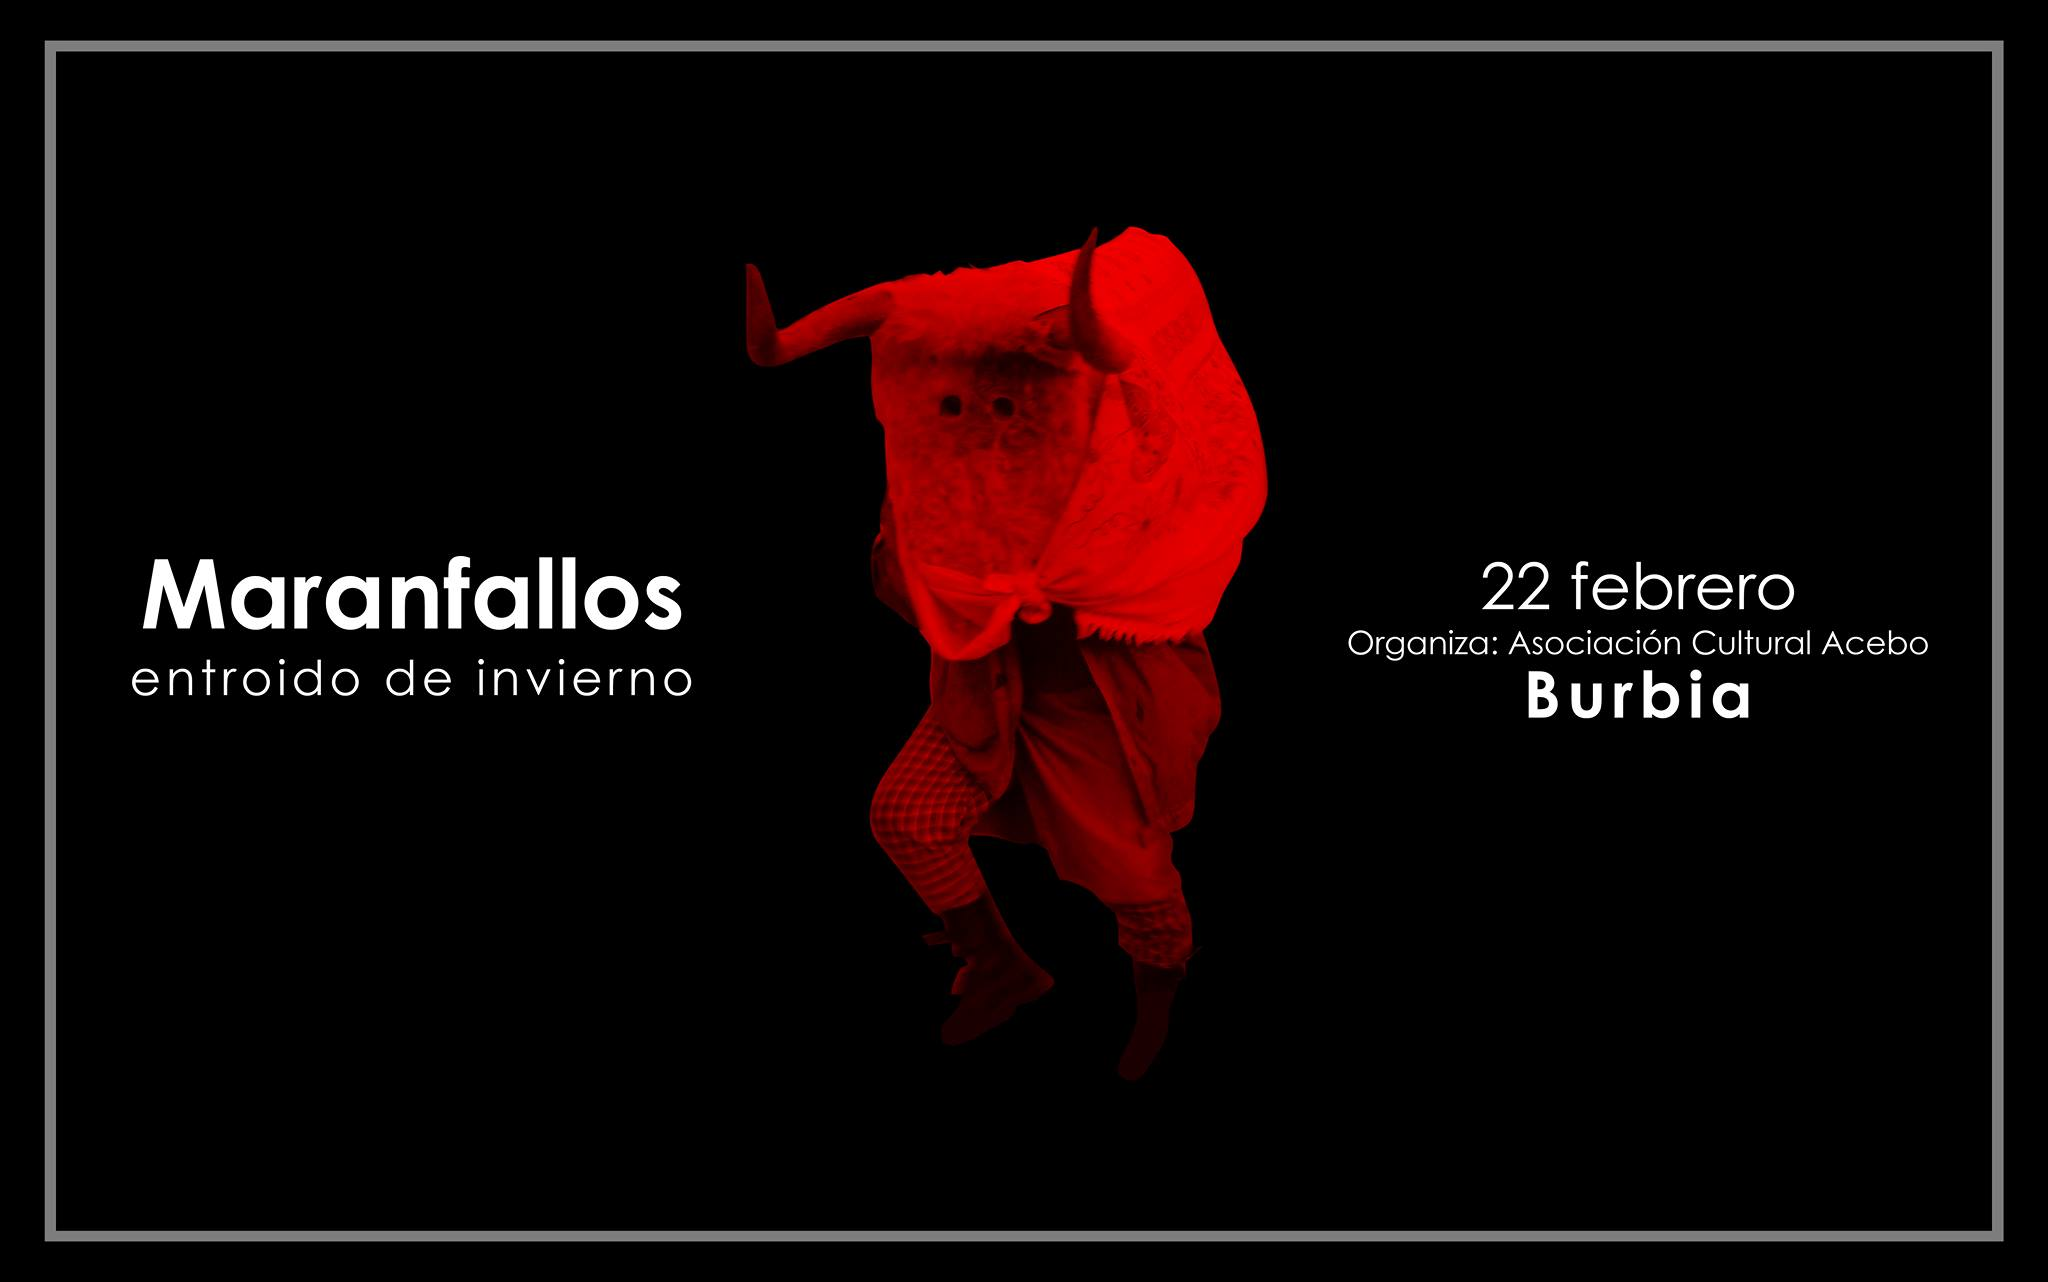 La tradición de Los Maranfallos regresa este sábado a Burbia 1